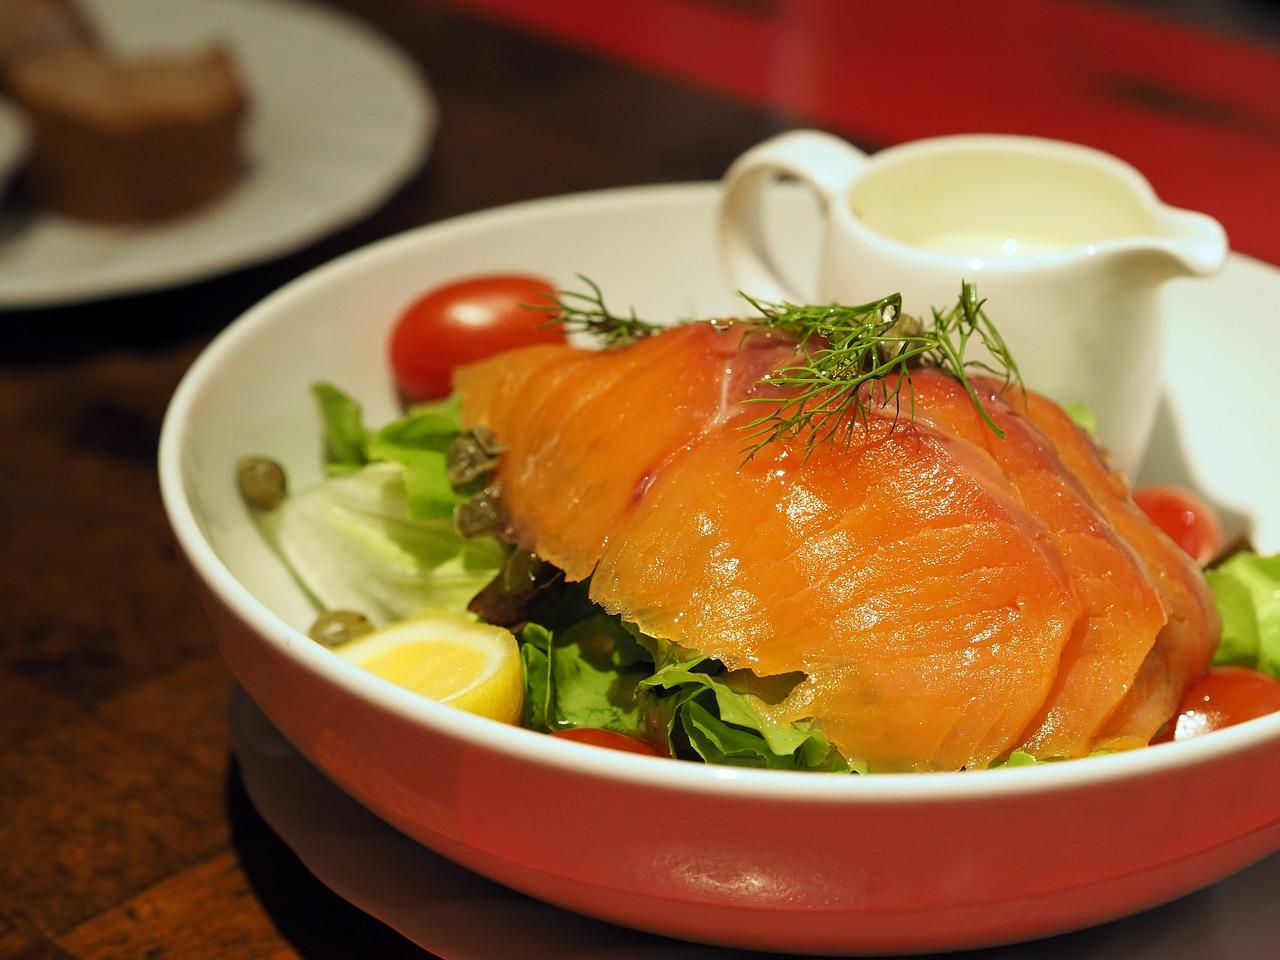 【祝・全豪オープン優勝】大坂なおみ選手が試合当日の朝によく食べる「サーモン(鮭)」は泳ぐ栄養カプセル